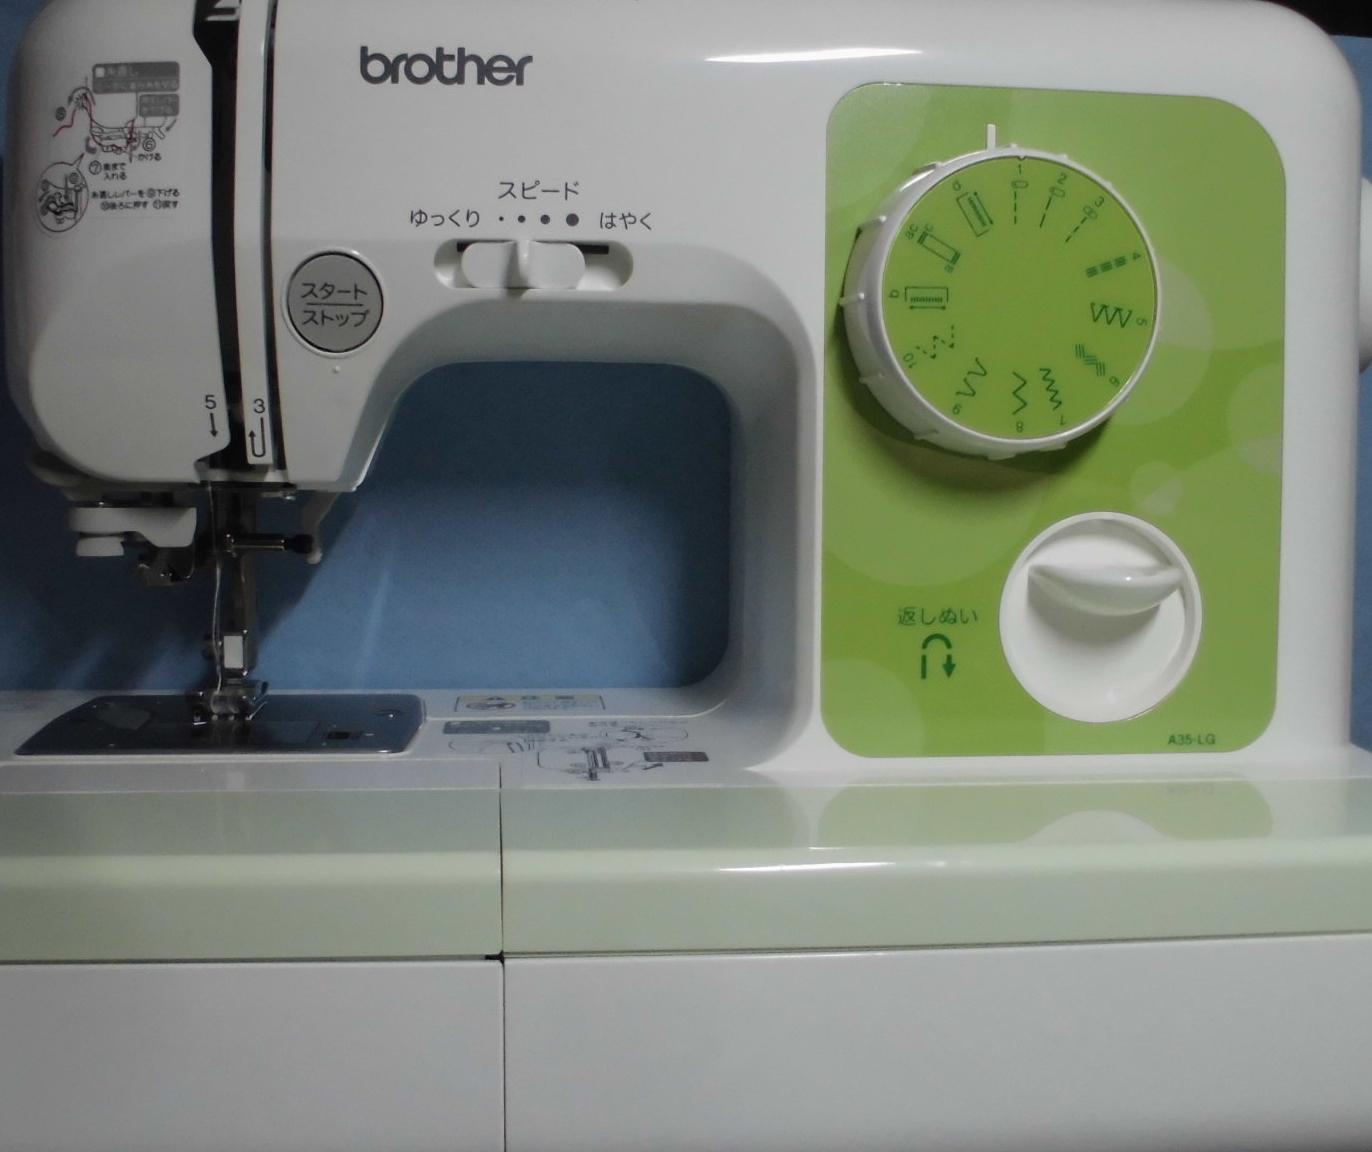 ブラザーミシン修理|A35-LG|縫えない、下糸を拾わない、異音、糸調子の不具合